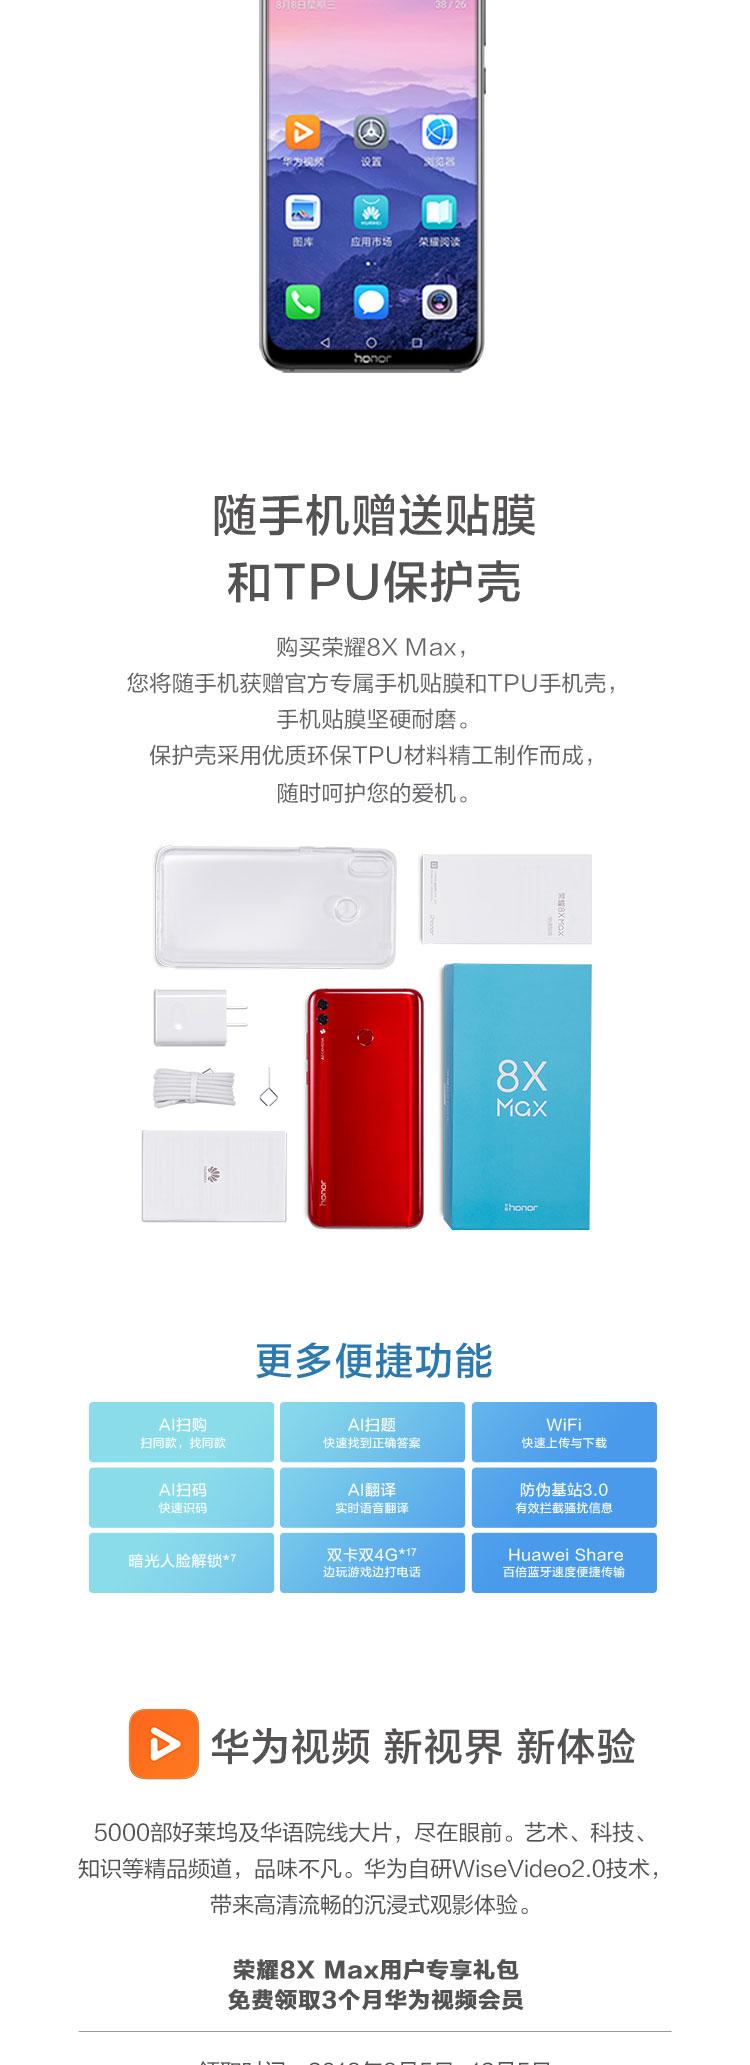 Buy Huawei Honor 8X Max Cell Phone Black 4GB RAM 128GB ROM